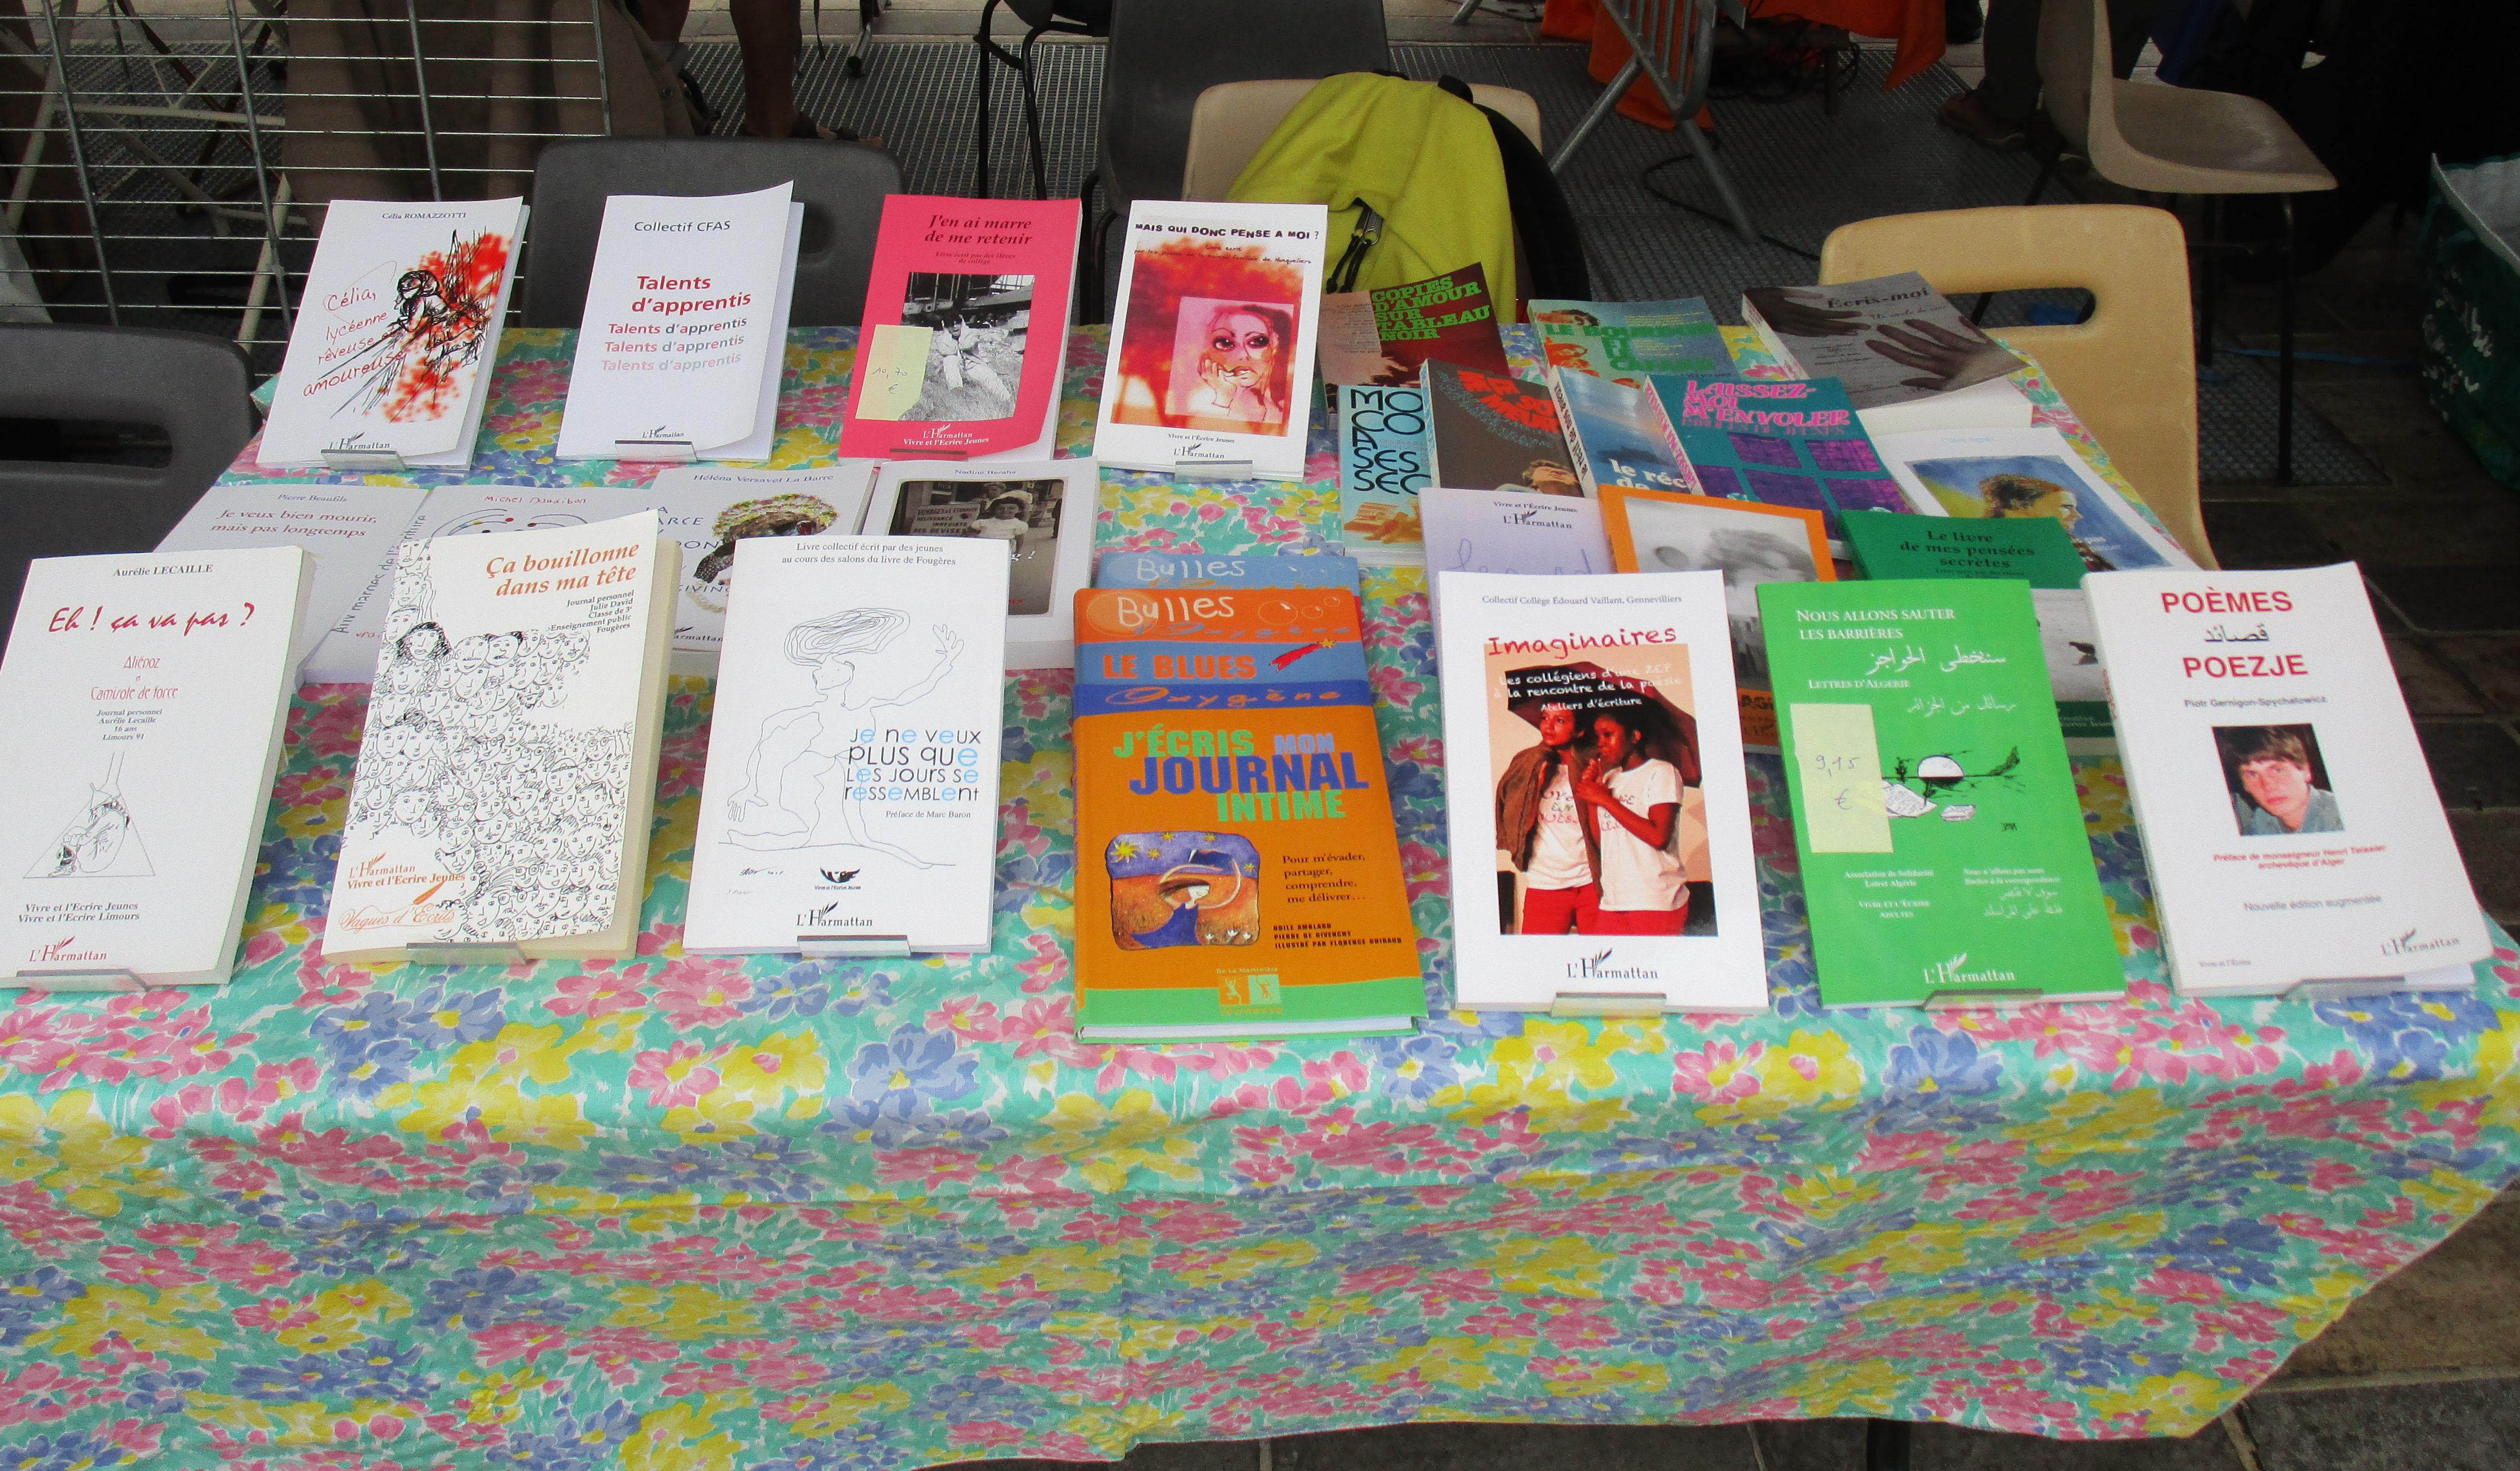 Une sélection de livres écrits par des jeunes